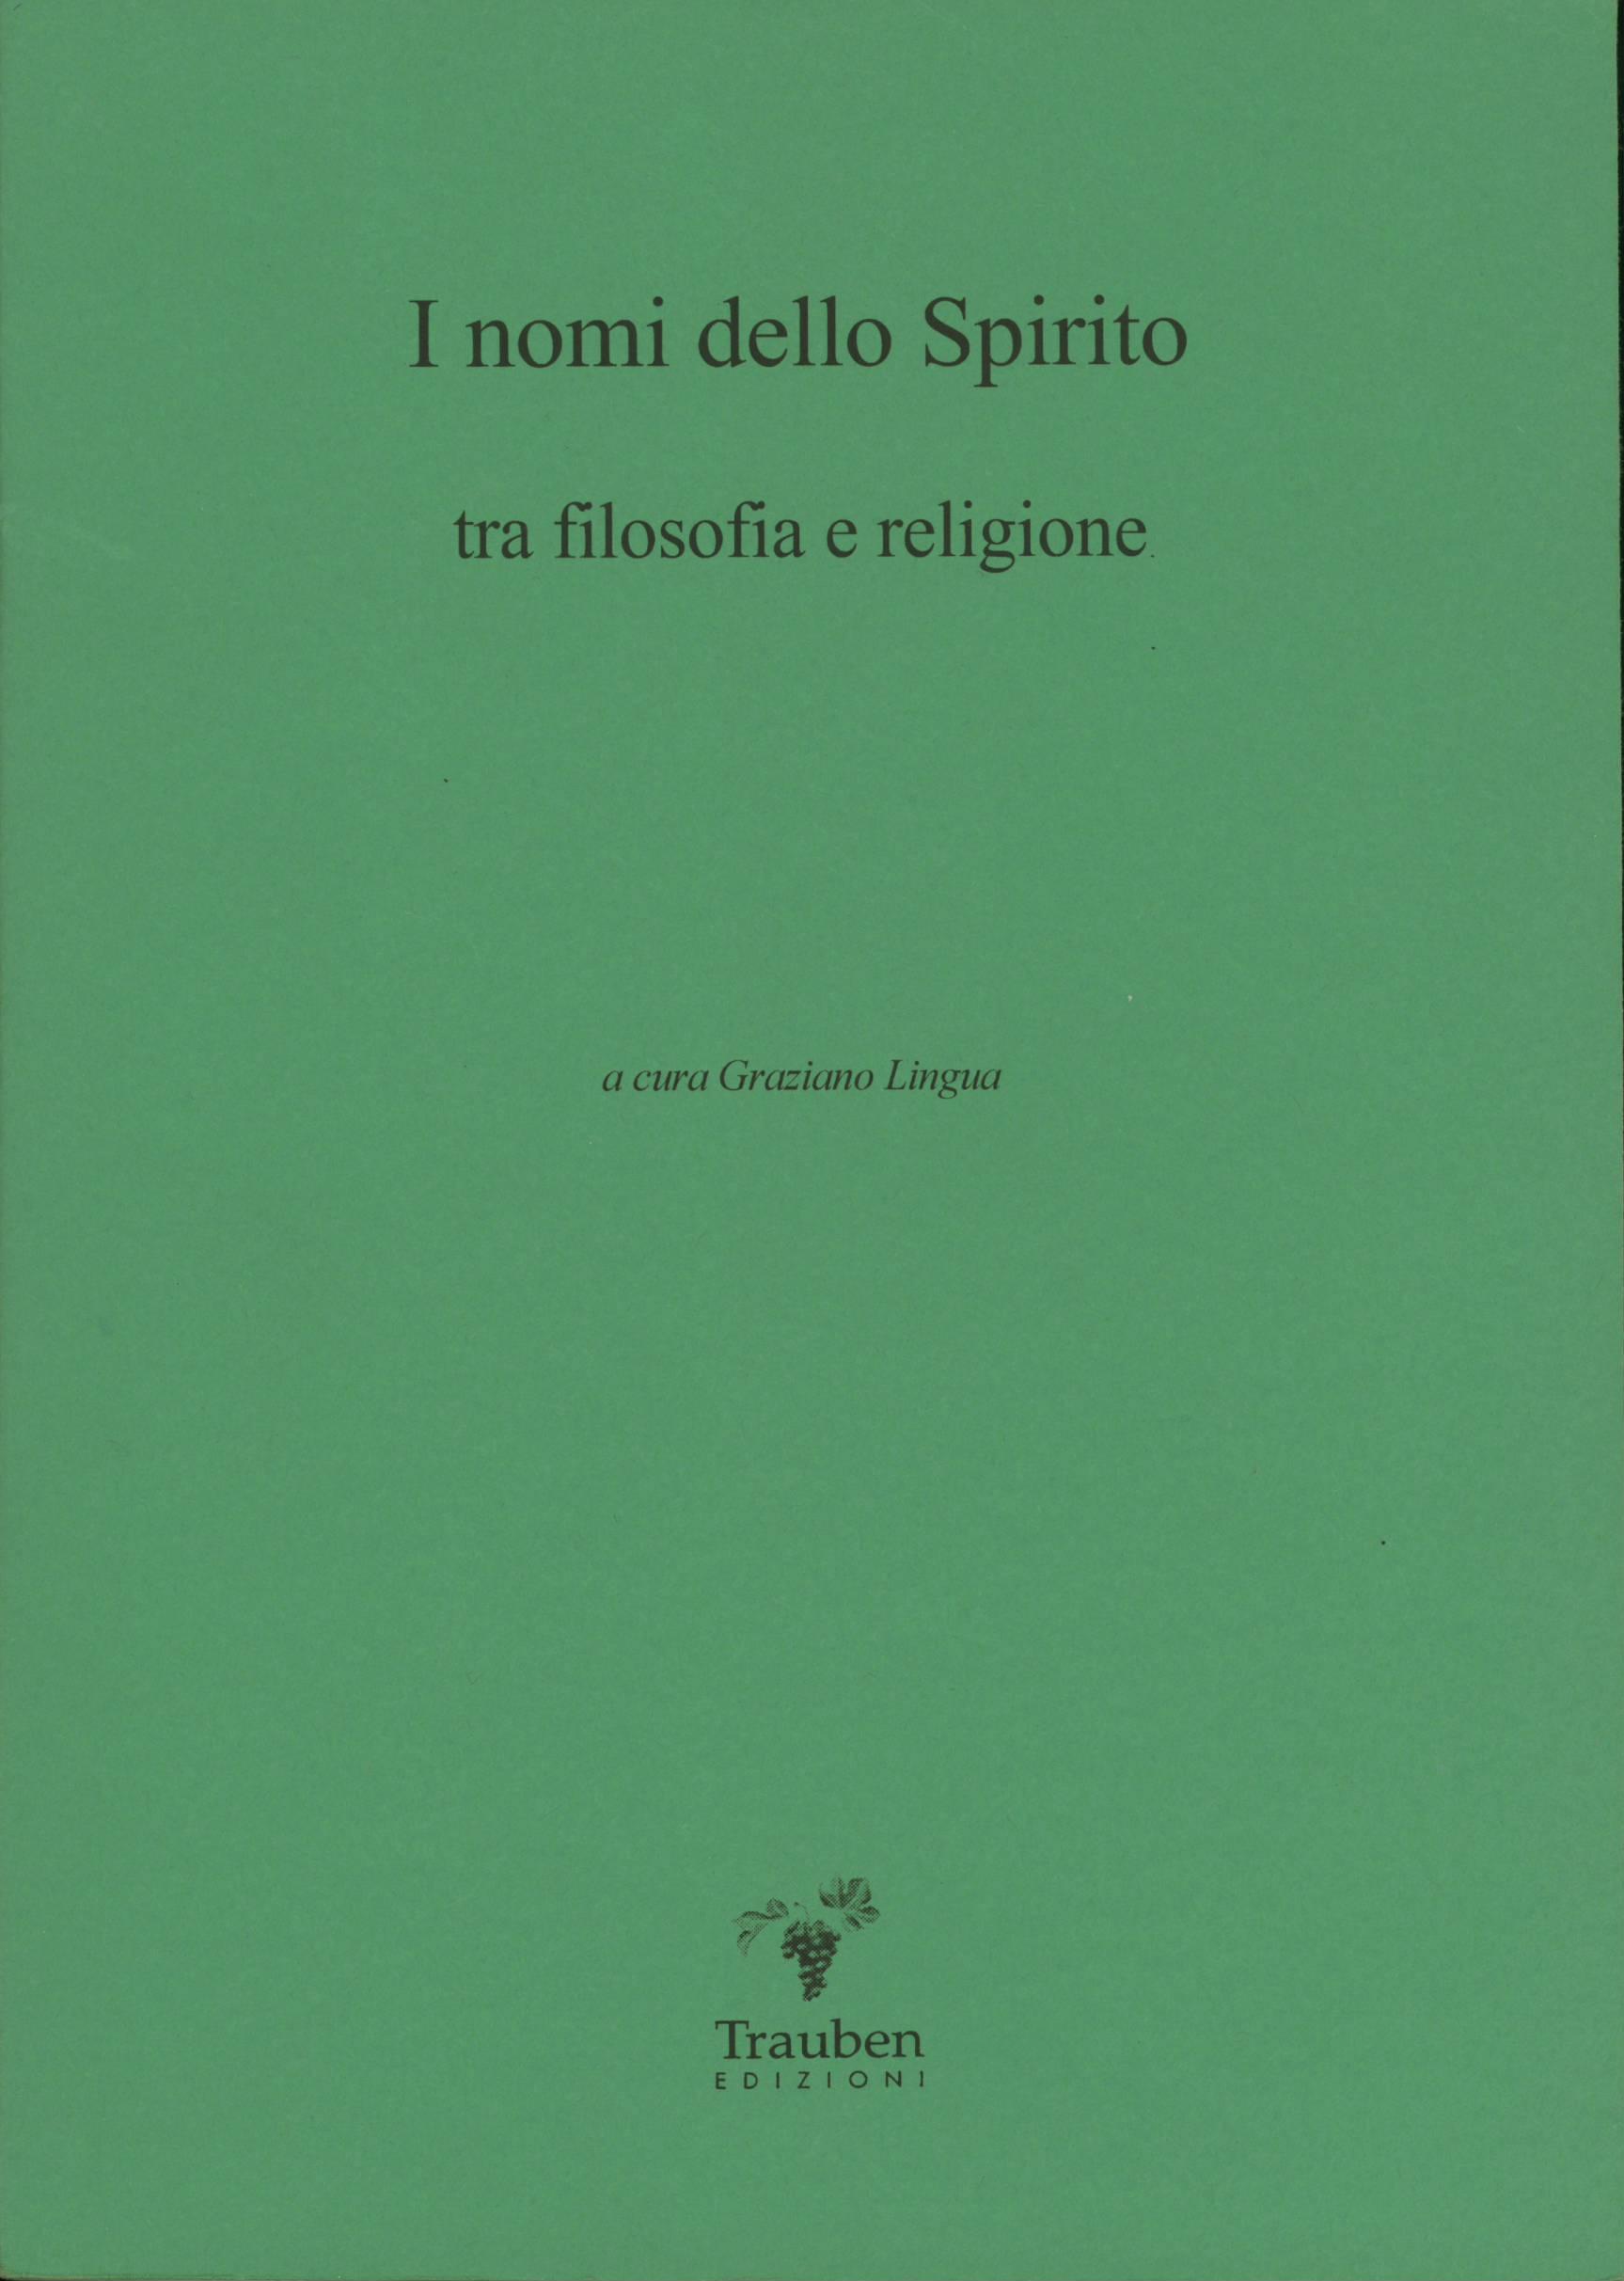 I nomi dello Spirito: tra filosofia e religione